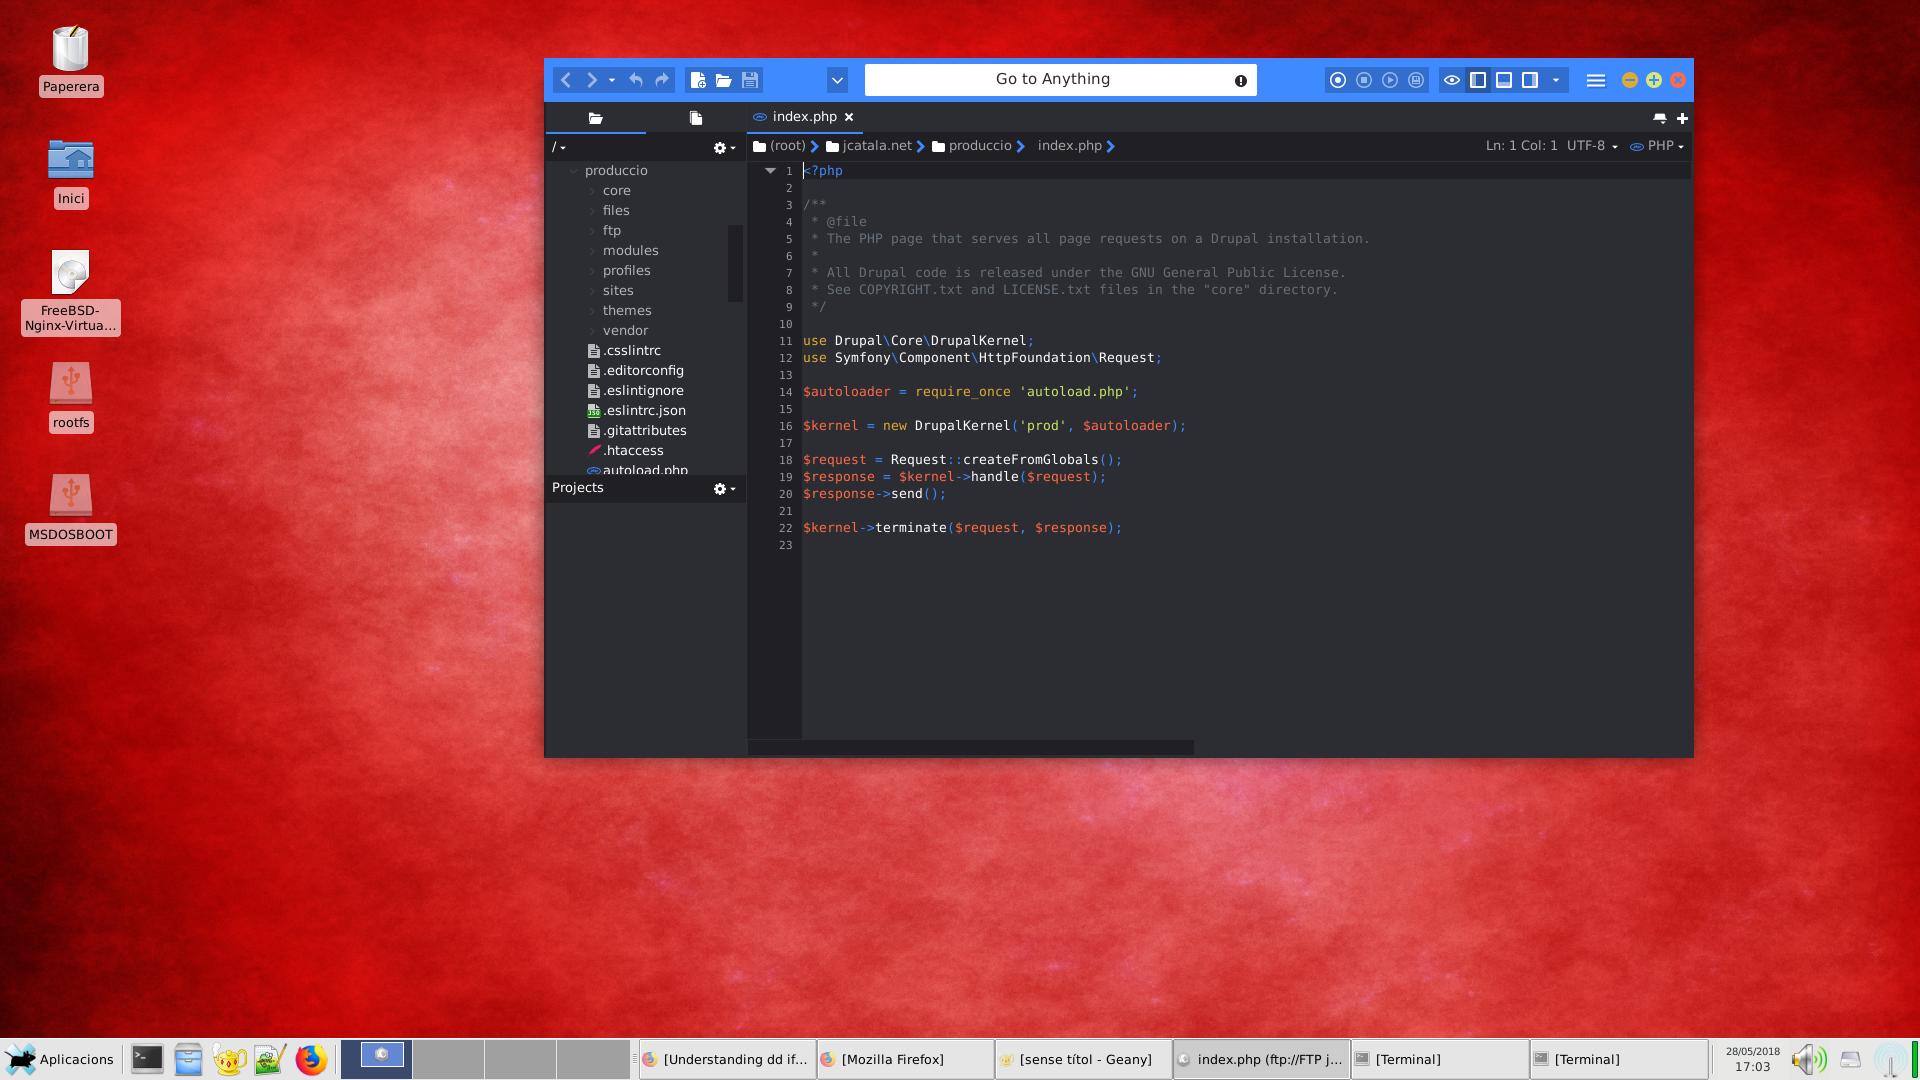 Editant fitxers locals i en remot amb Komodo Edit a FreeBSD 11.1-RELEASE